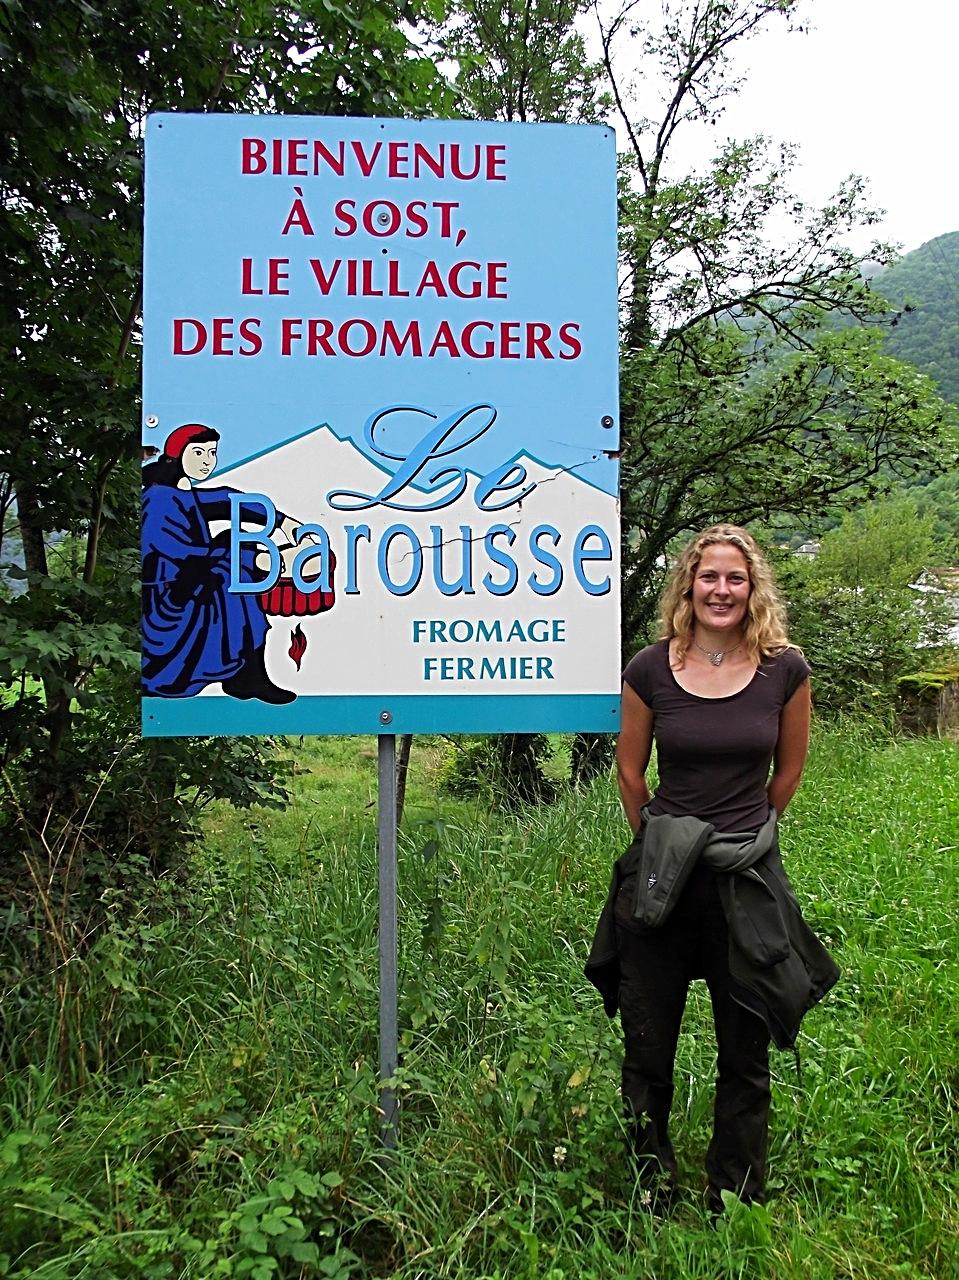 """Sost, le village des fromagers et d'un fromage fermier au lait cru:""""Le Barousse"""""""